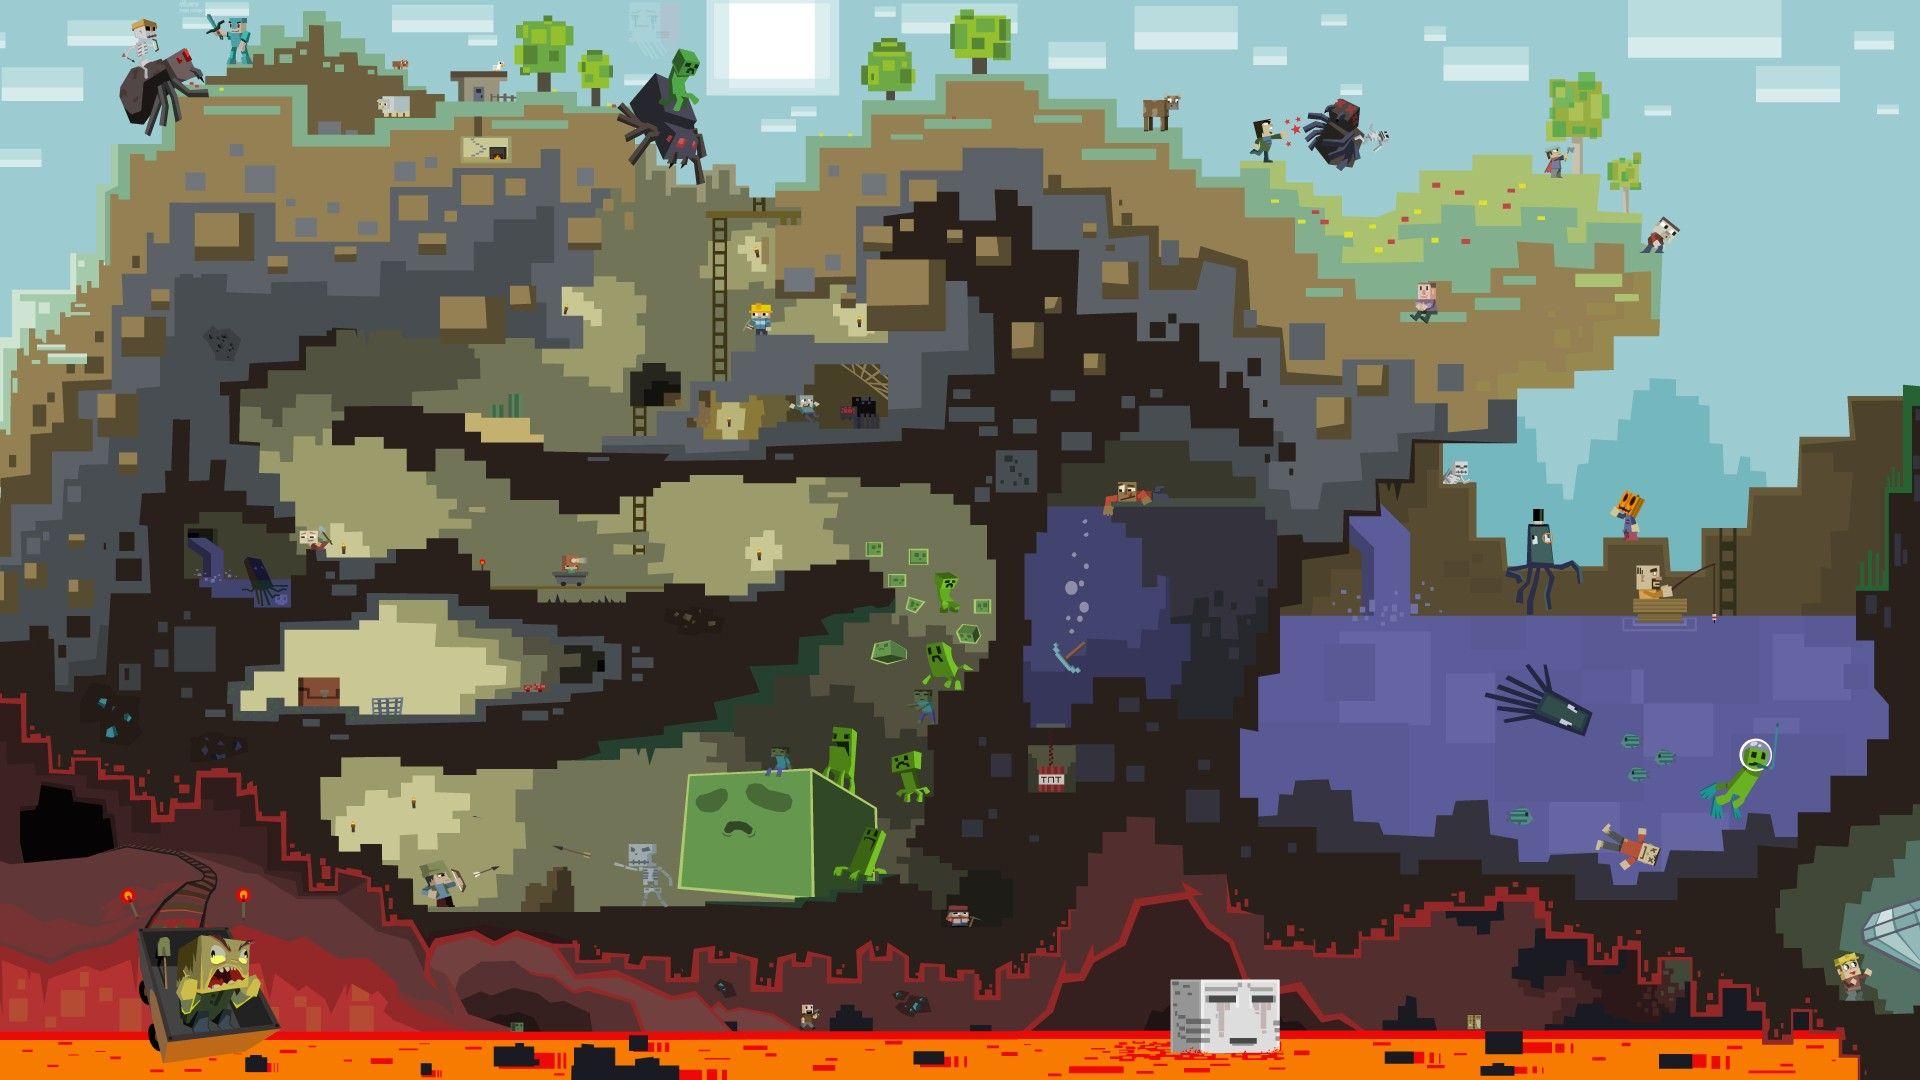 Fonds Décran Jeux Vidéo Minecraft Jeux De Construction